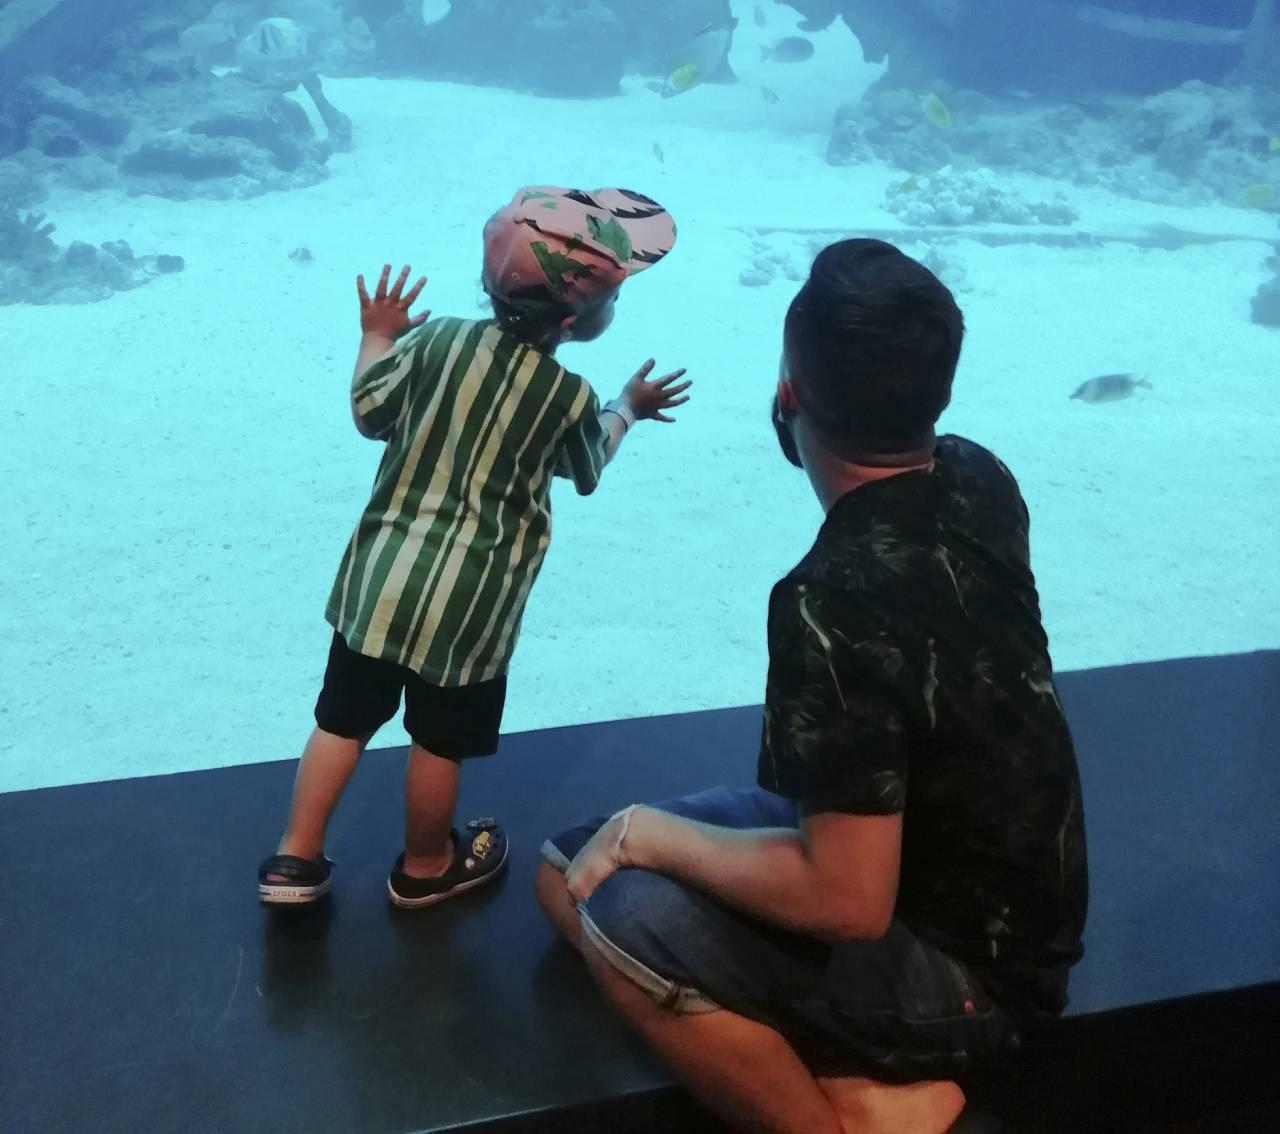 Henrys 2 årsdag som firades i Singapore. Här är de på akvariet S.E.A.